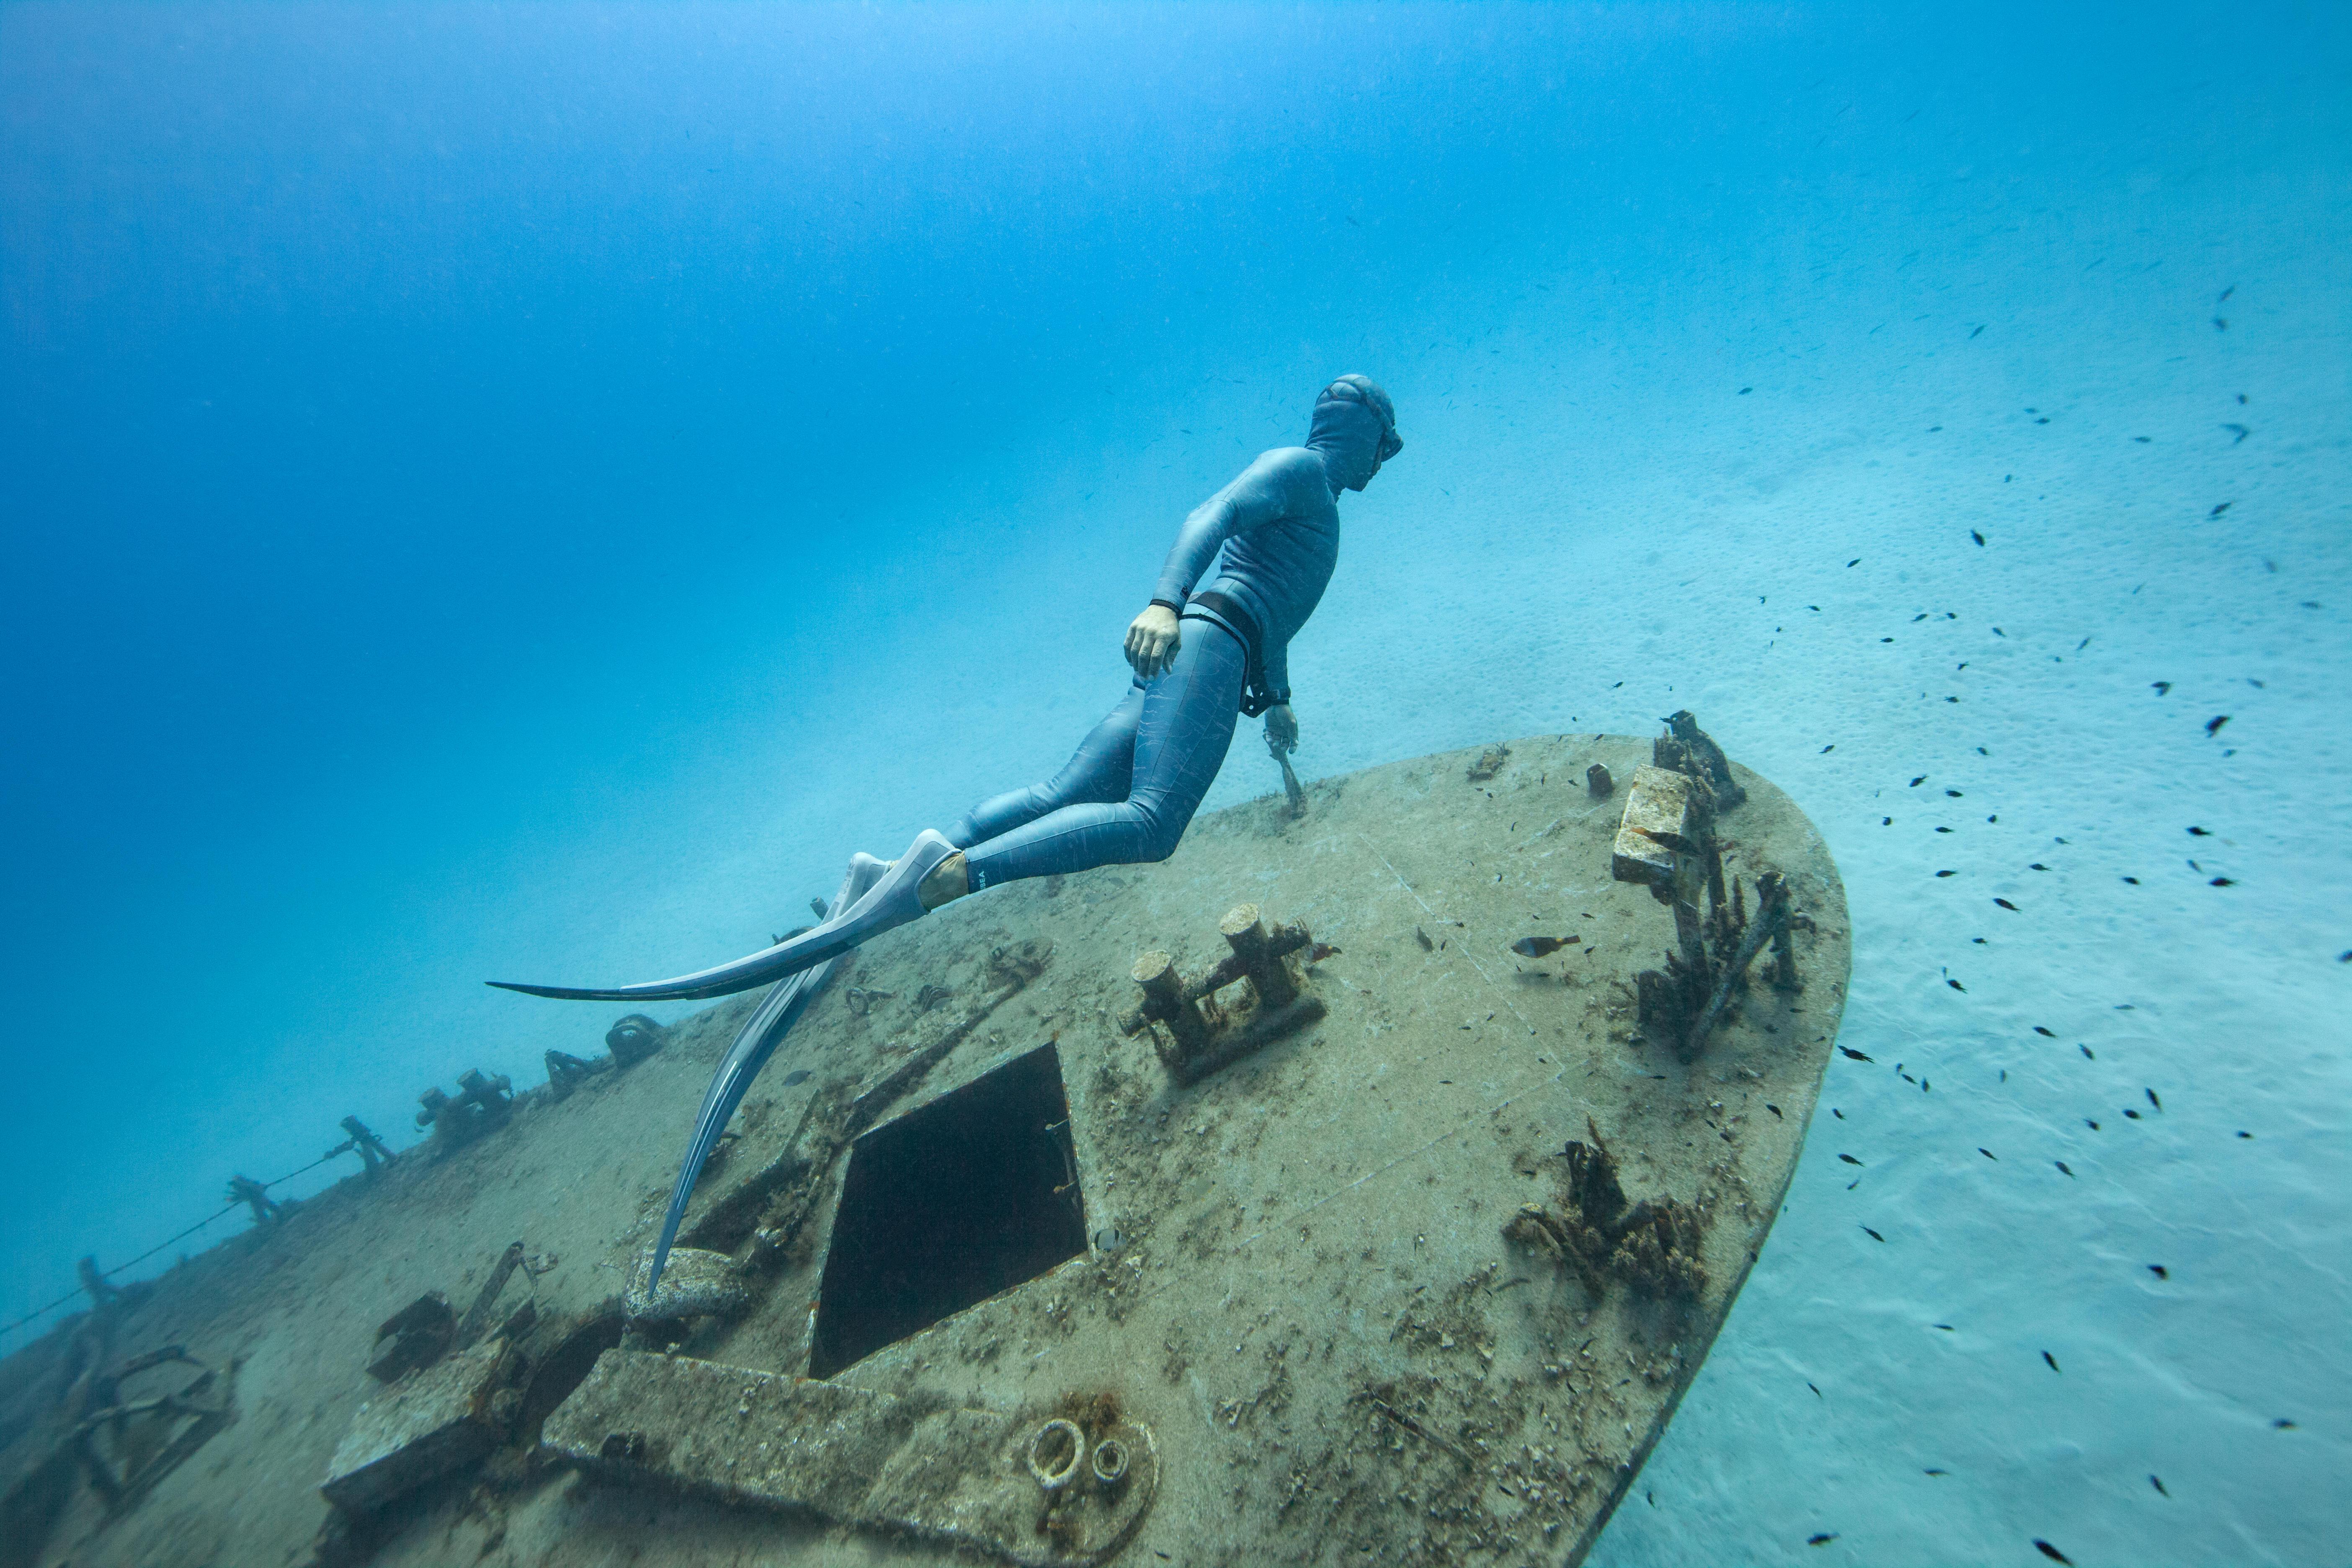 Entdecke die Auswahl an Freediving Bekleidung, Flossen und Apnoemasken